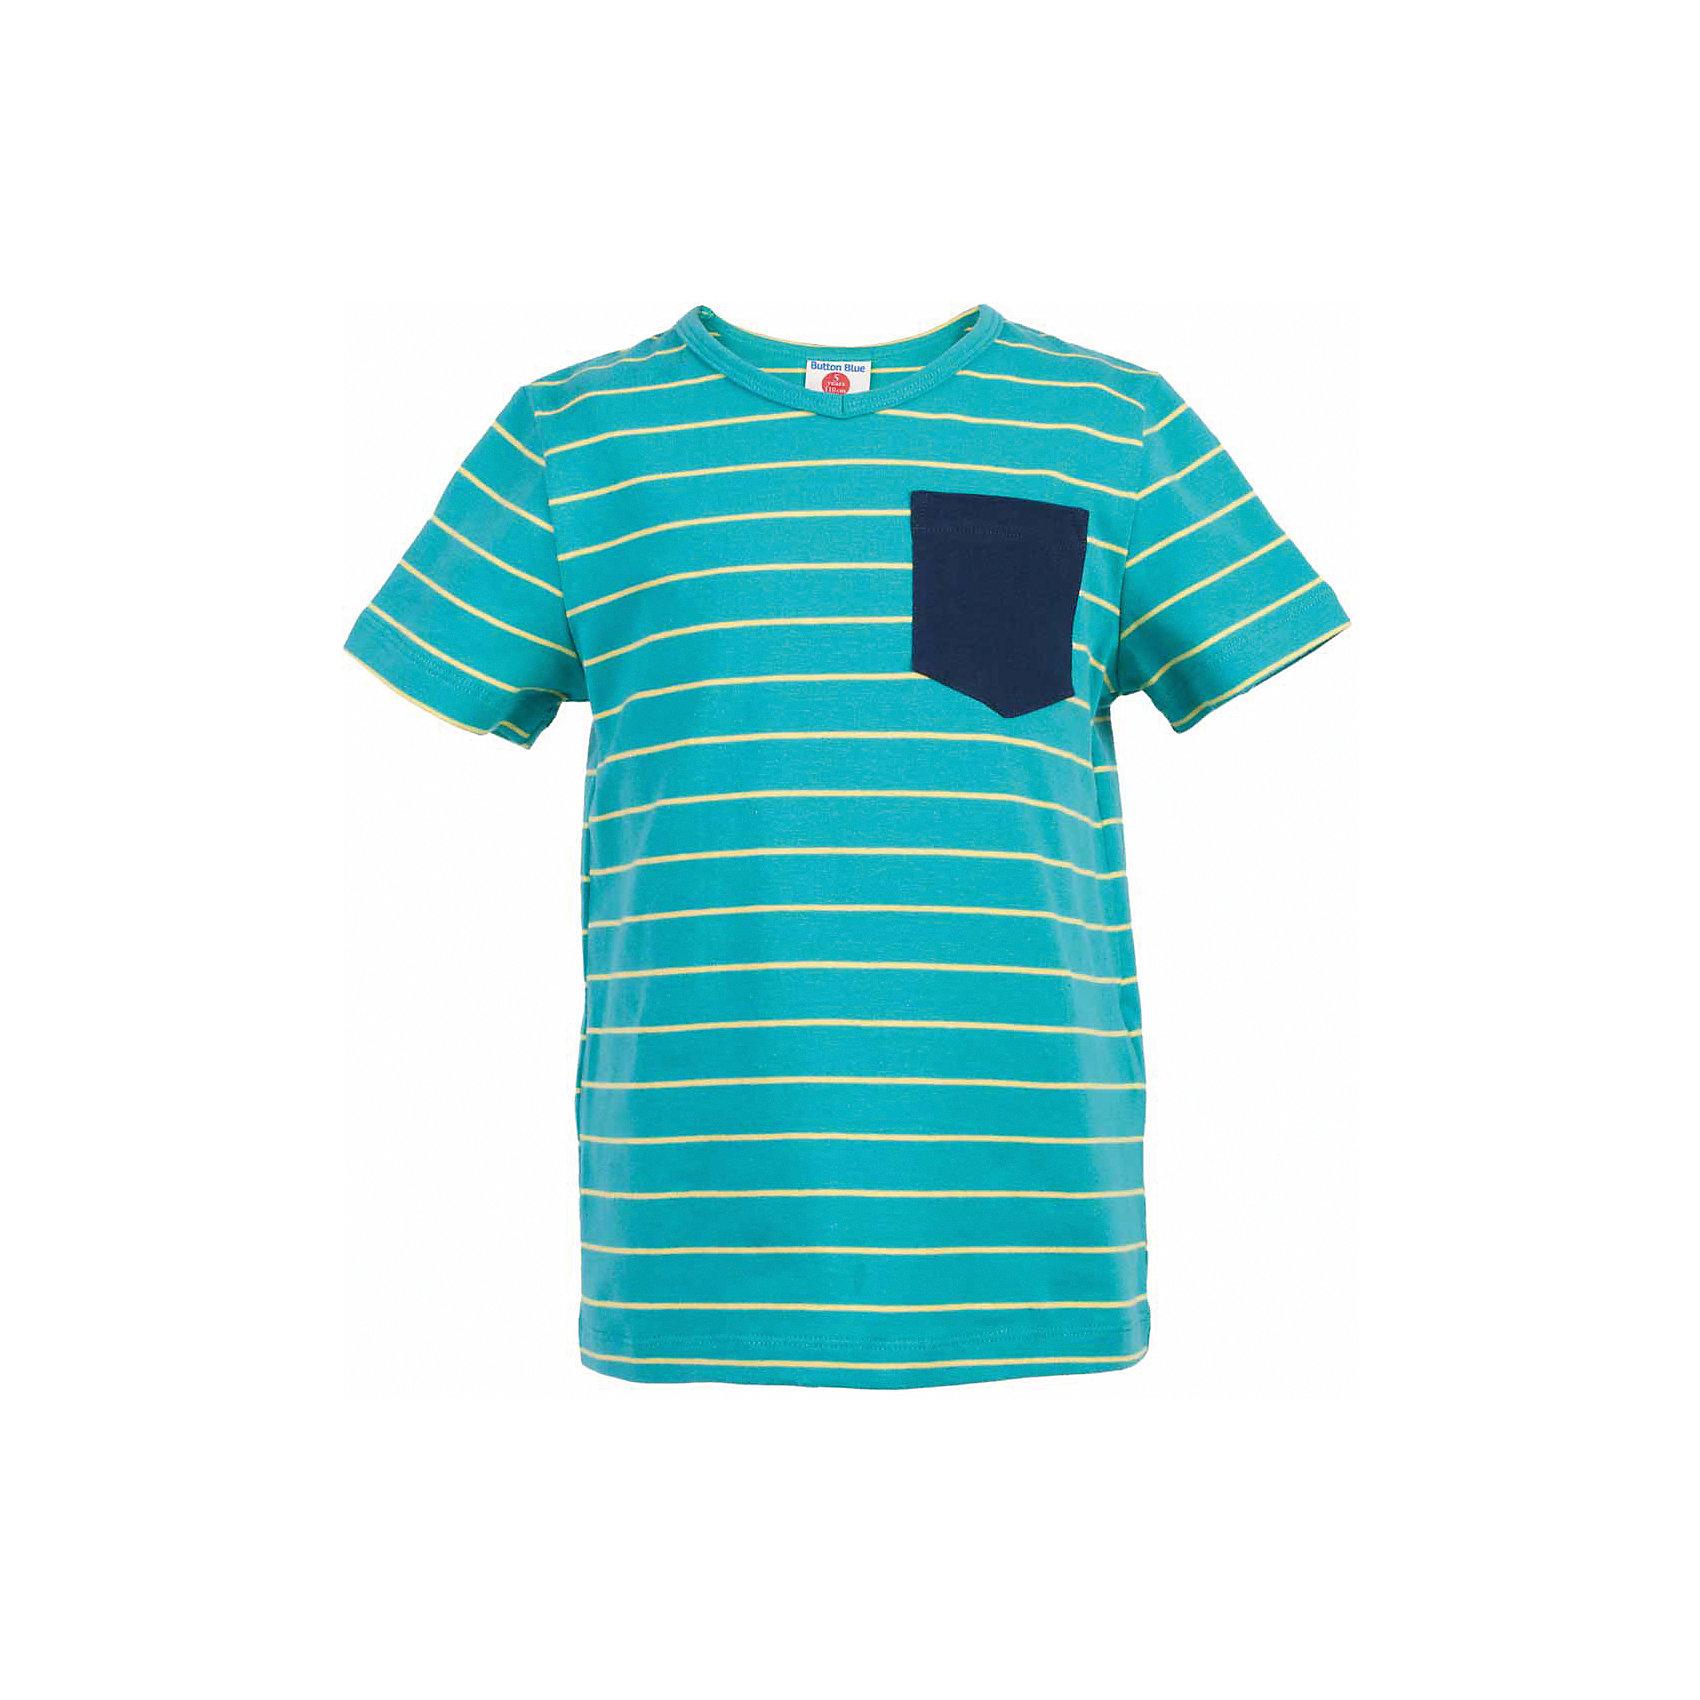 Футболка для мальчика  BUTTON BLUEФутболки, поло и топы<br>Футболка для мальчика  BUTTON BLUE<br>Яркая футболка в полоску - не только базовая вещь в гардеробе ребенка, но и основа модного летнего образа! Если вы решили купить недорогую футболку для мальчика, выберете футболку от Button Blue с V-образной горловиной и контрастным карманом. Маленькая яркая деталь - изюминка модели, создающая настроение! Низкая цена изделия не окажет влияния на бюджет семьи, позволив создать интересный гардероб для долгожданных каникул!<br>Состав:<br>95% хлопок 5% эластан<br><br>Ширина мм: 199<br>Глубина мм: 10<br>Высота мм: 161<br>Вес г: 151<br>Цвет: бирюзовый<br>Возраст от месяцев: 144<br>Возраст до месяцев: 156<br>Пол: Мужской<br>Возраст: Детский<br>Размер: 158,98,104,110,116,122,128,134,140,146,152<br>SKU: 5524198